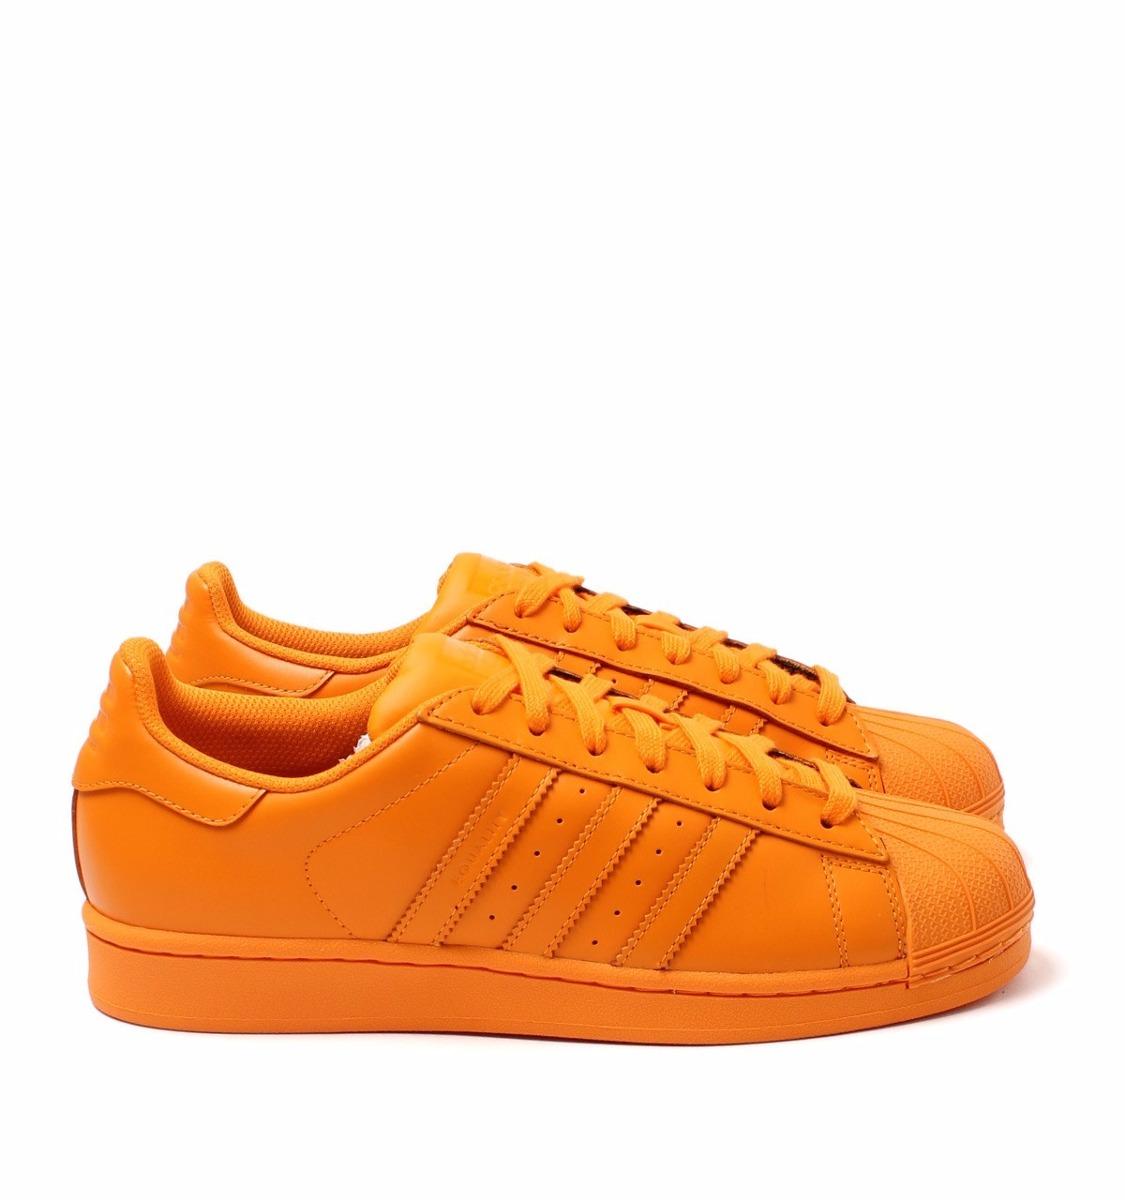 e82d885ec2 zapatillas adidas superstar supercolor argentina